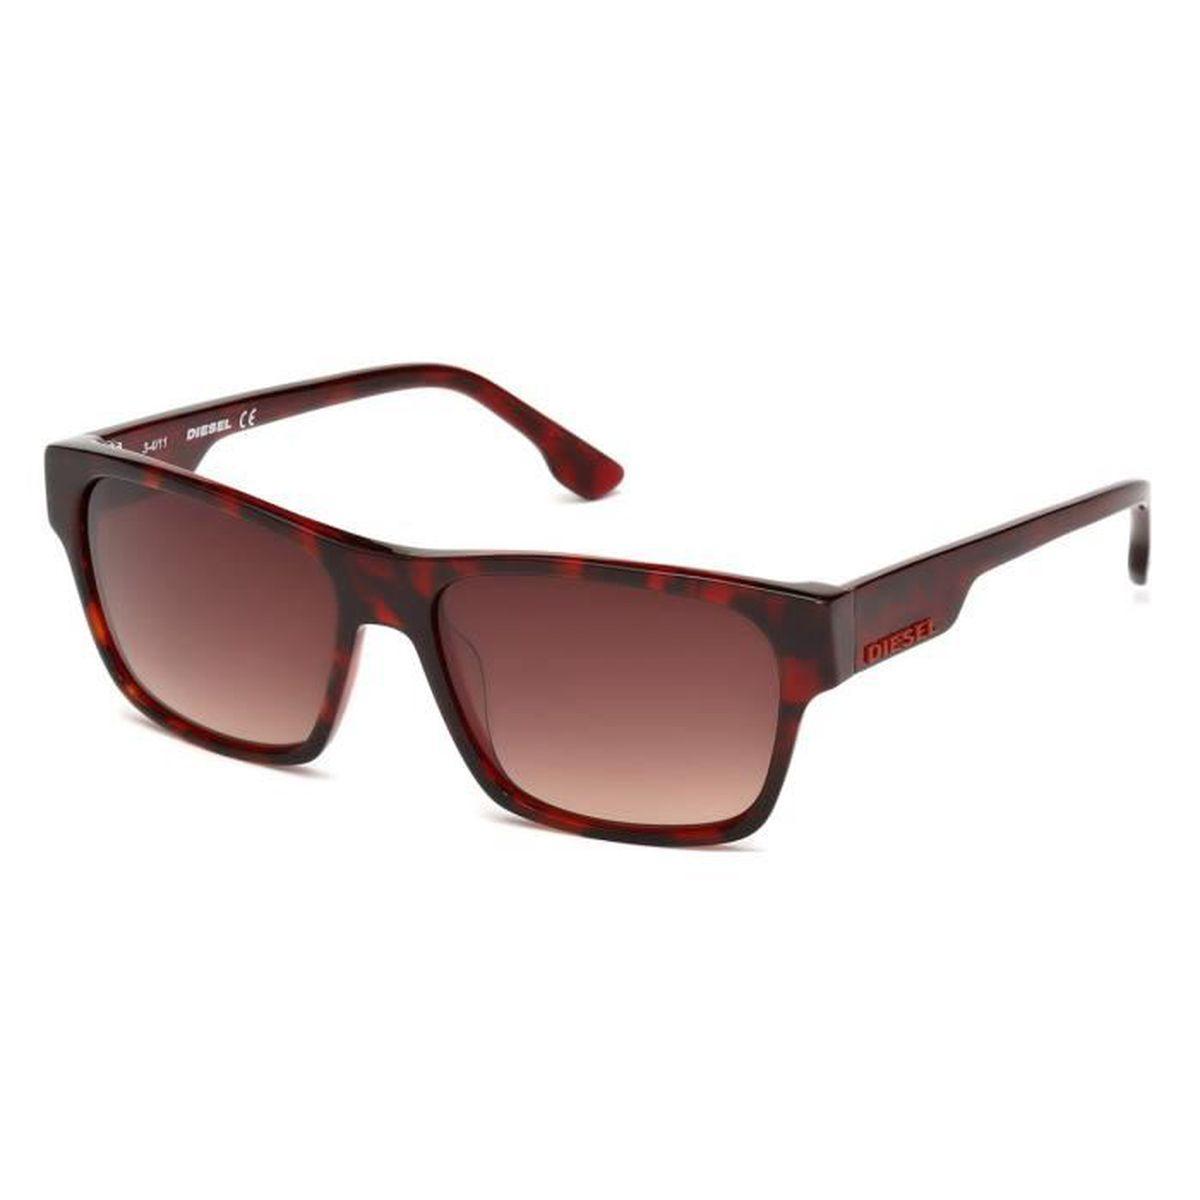 351e9f30b5 Lunettes de soleil - Diesel - DL0012 - Achat / Vente lunettes de ...